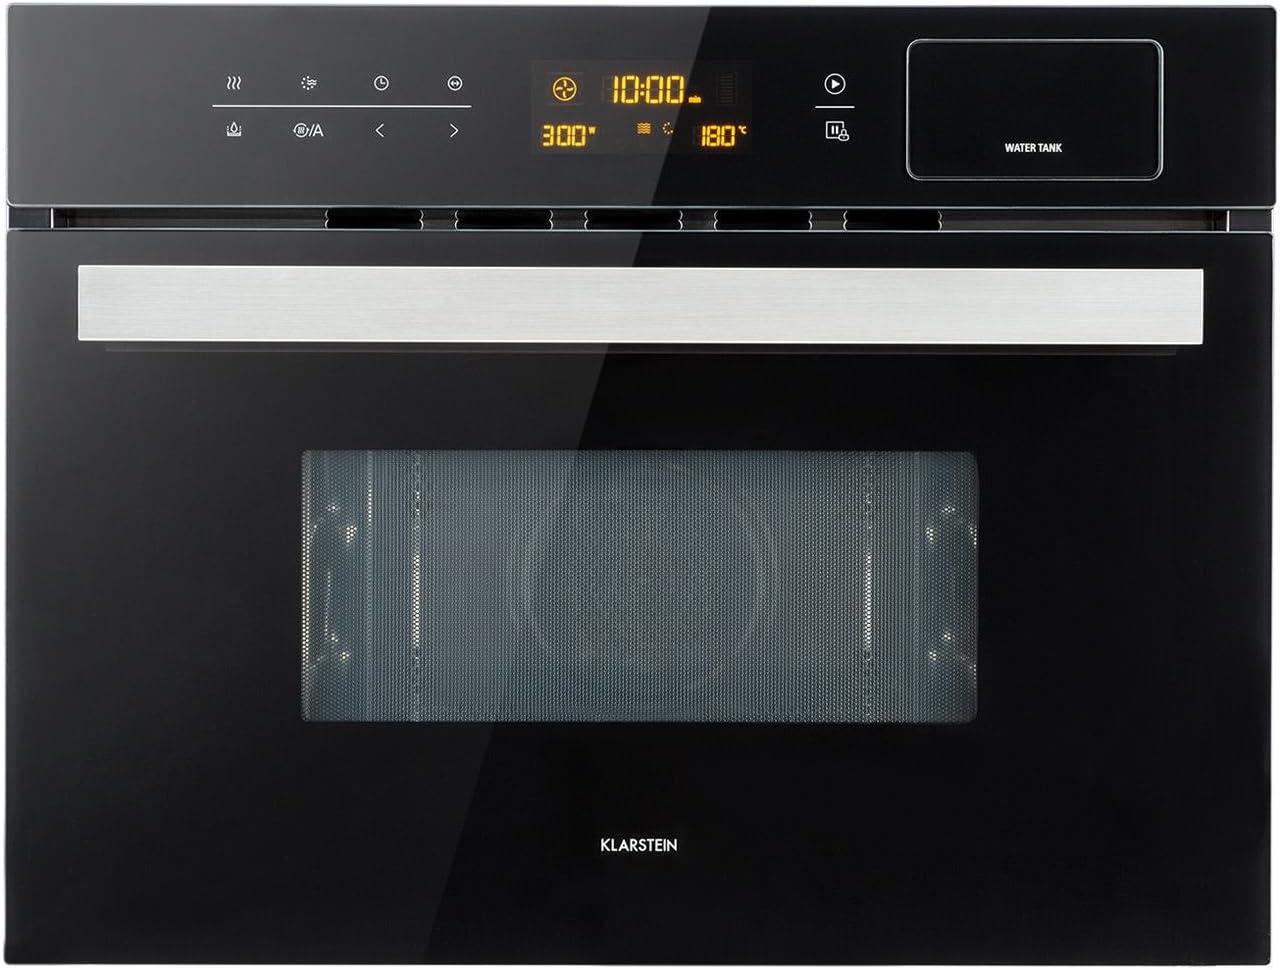 Klarstein Luminance Steam Vaporizador 3 en 1 - grill, cocina al vapor y microondas, 34L, 900W, Panel táctil, 5 niveles, Acero inoxidable, Incluye marco de montaje, Negro